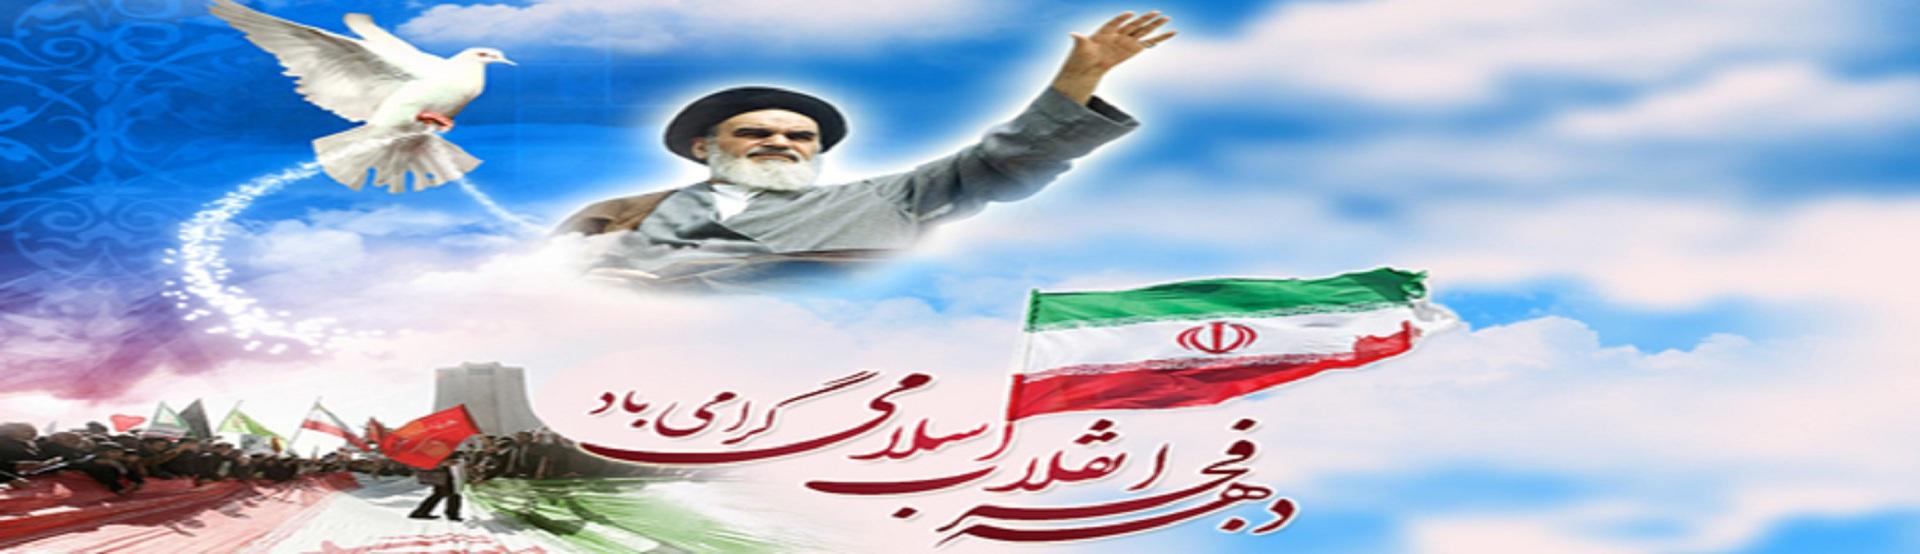 آغاز دهه فجر و یوم الله 22 بهمن گرامی باد